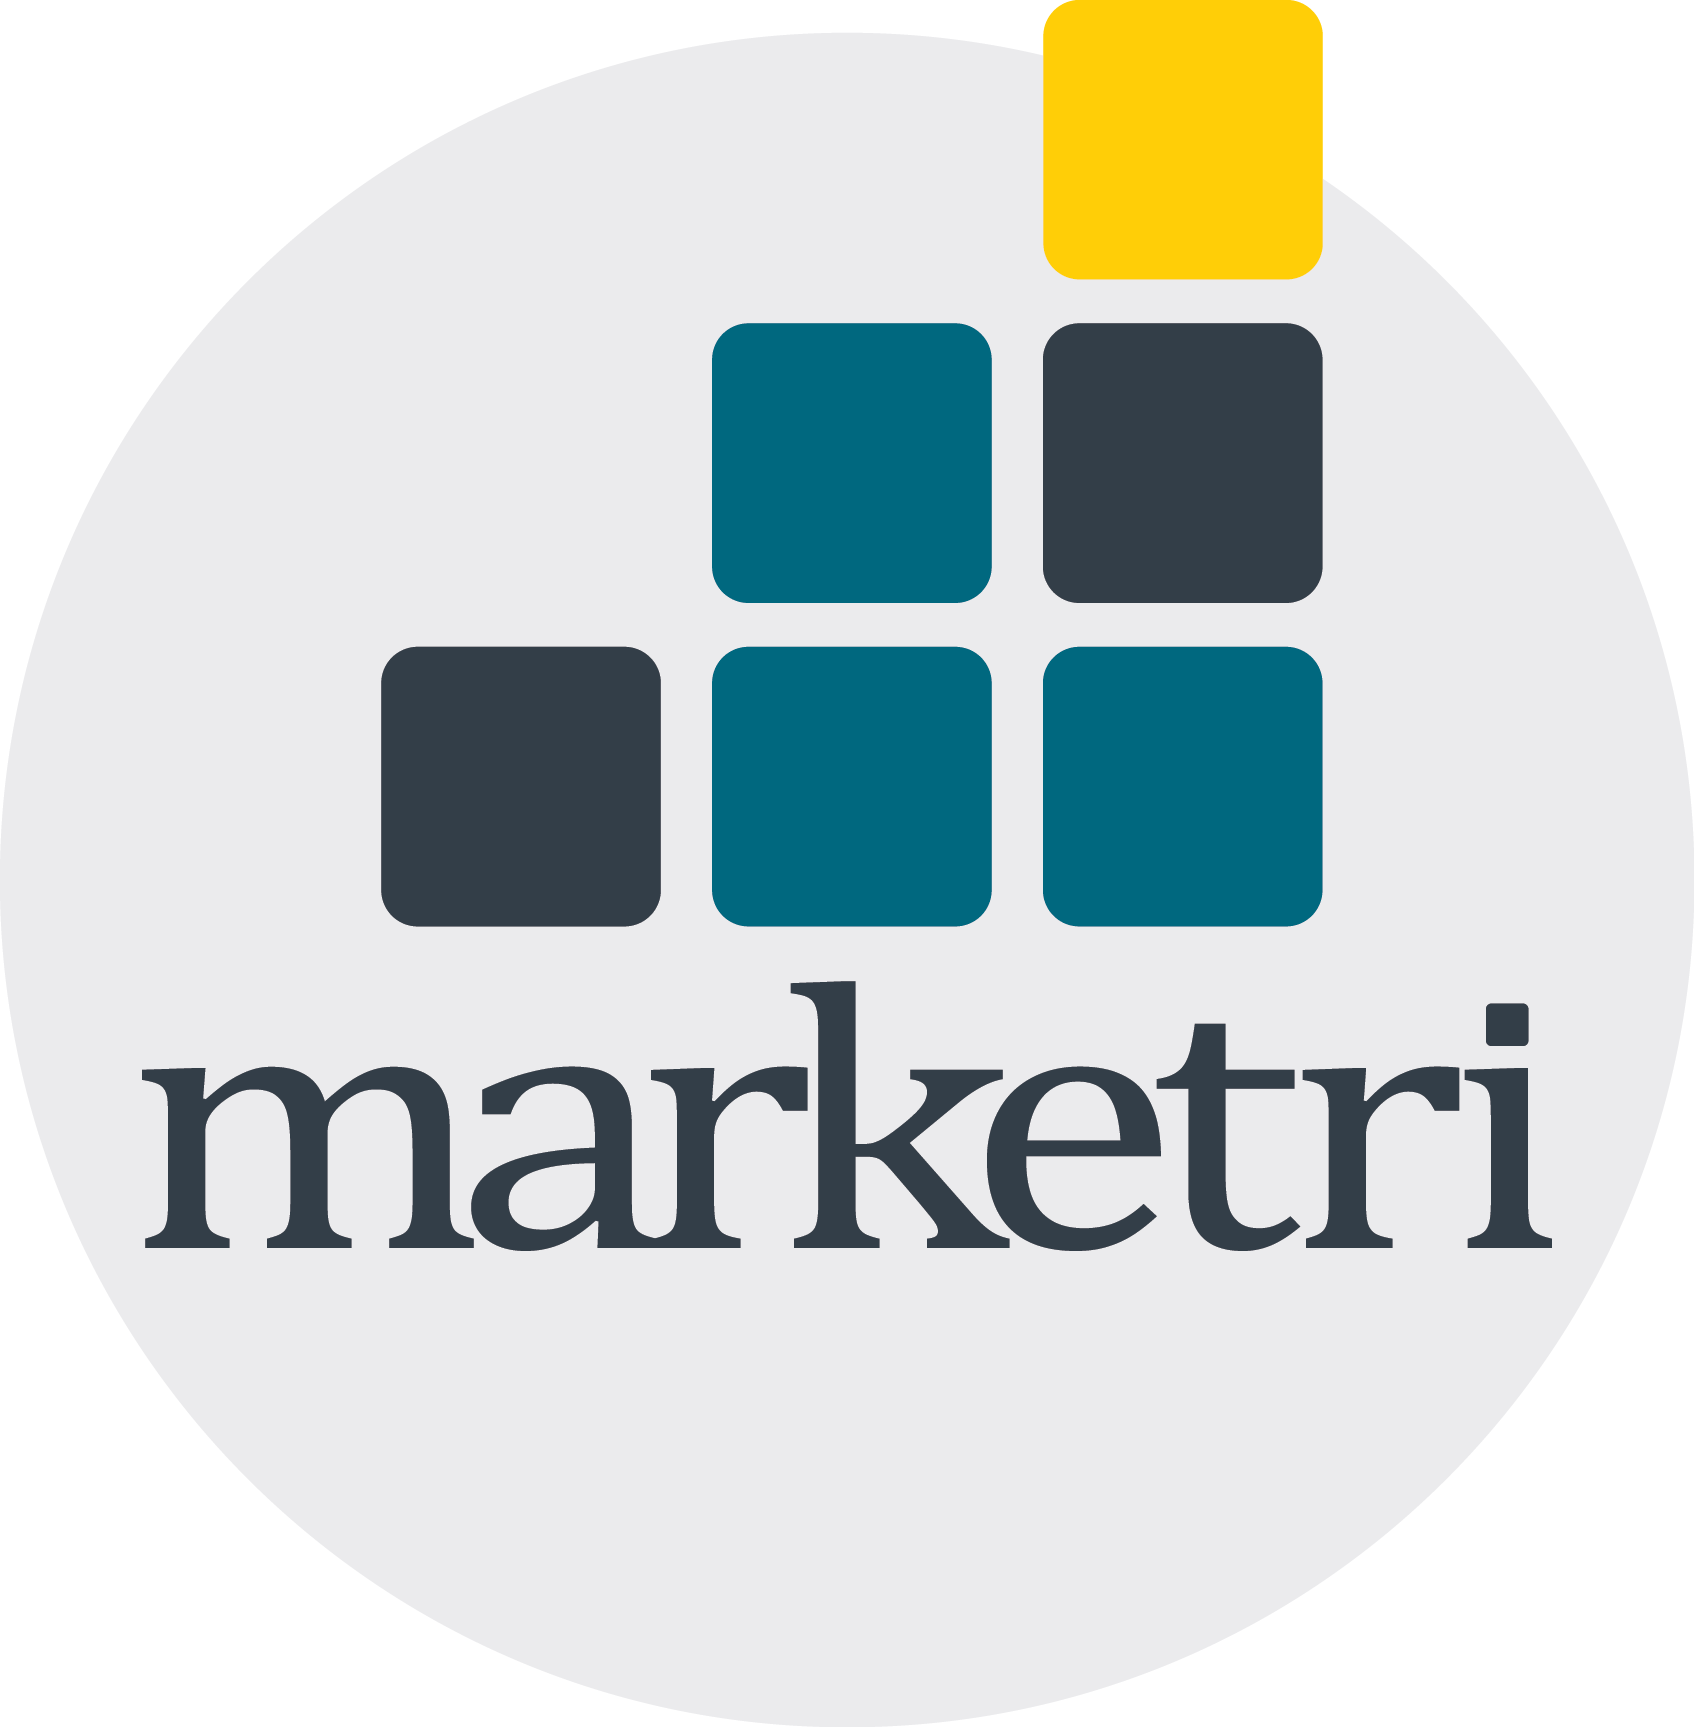 Marketri Logo